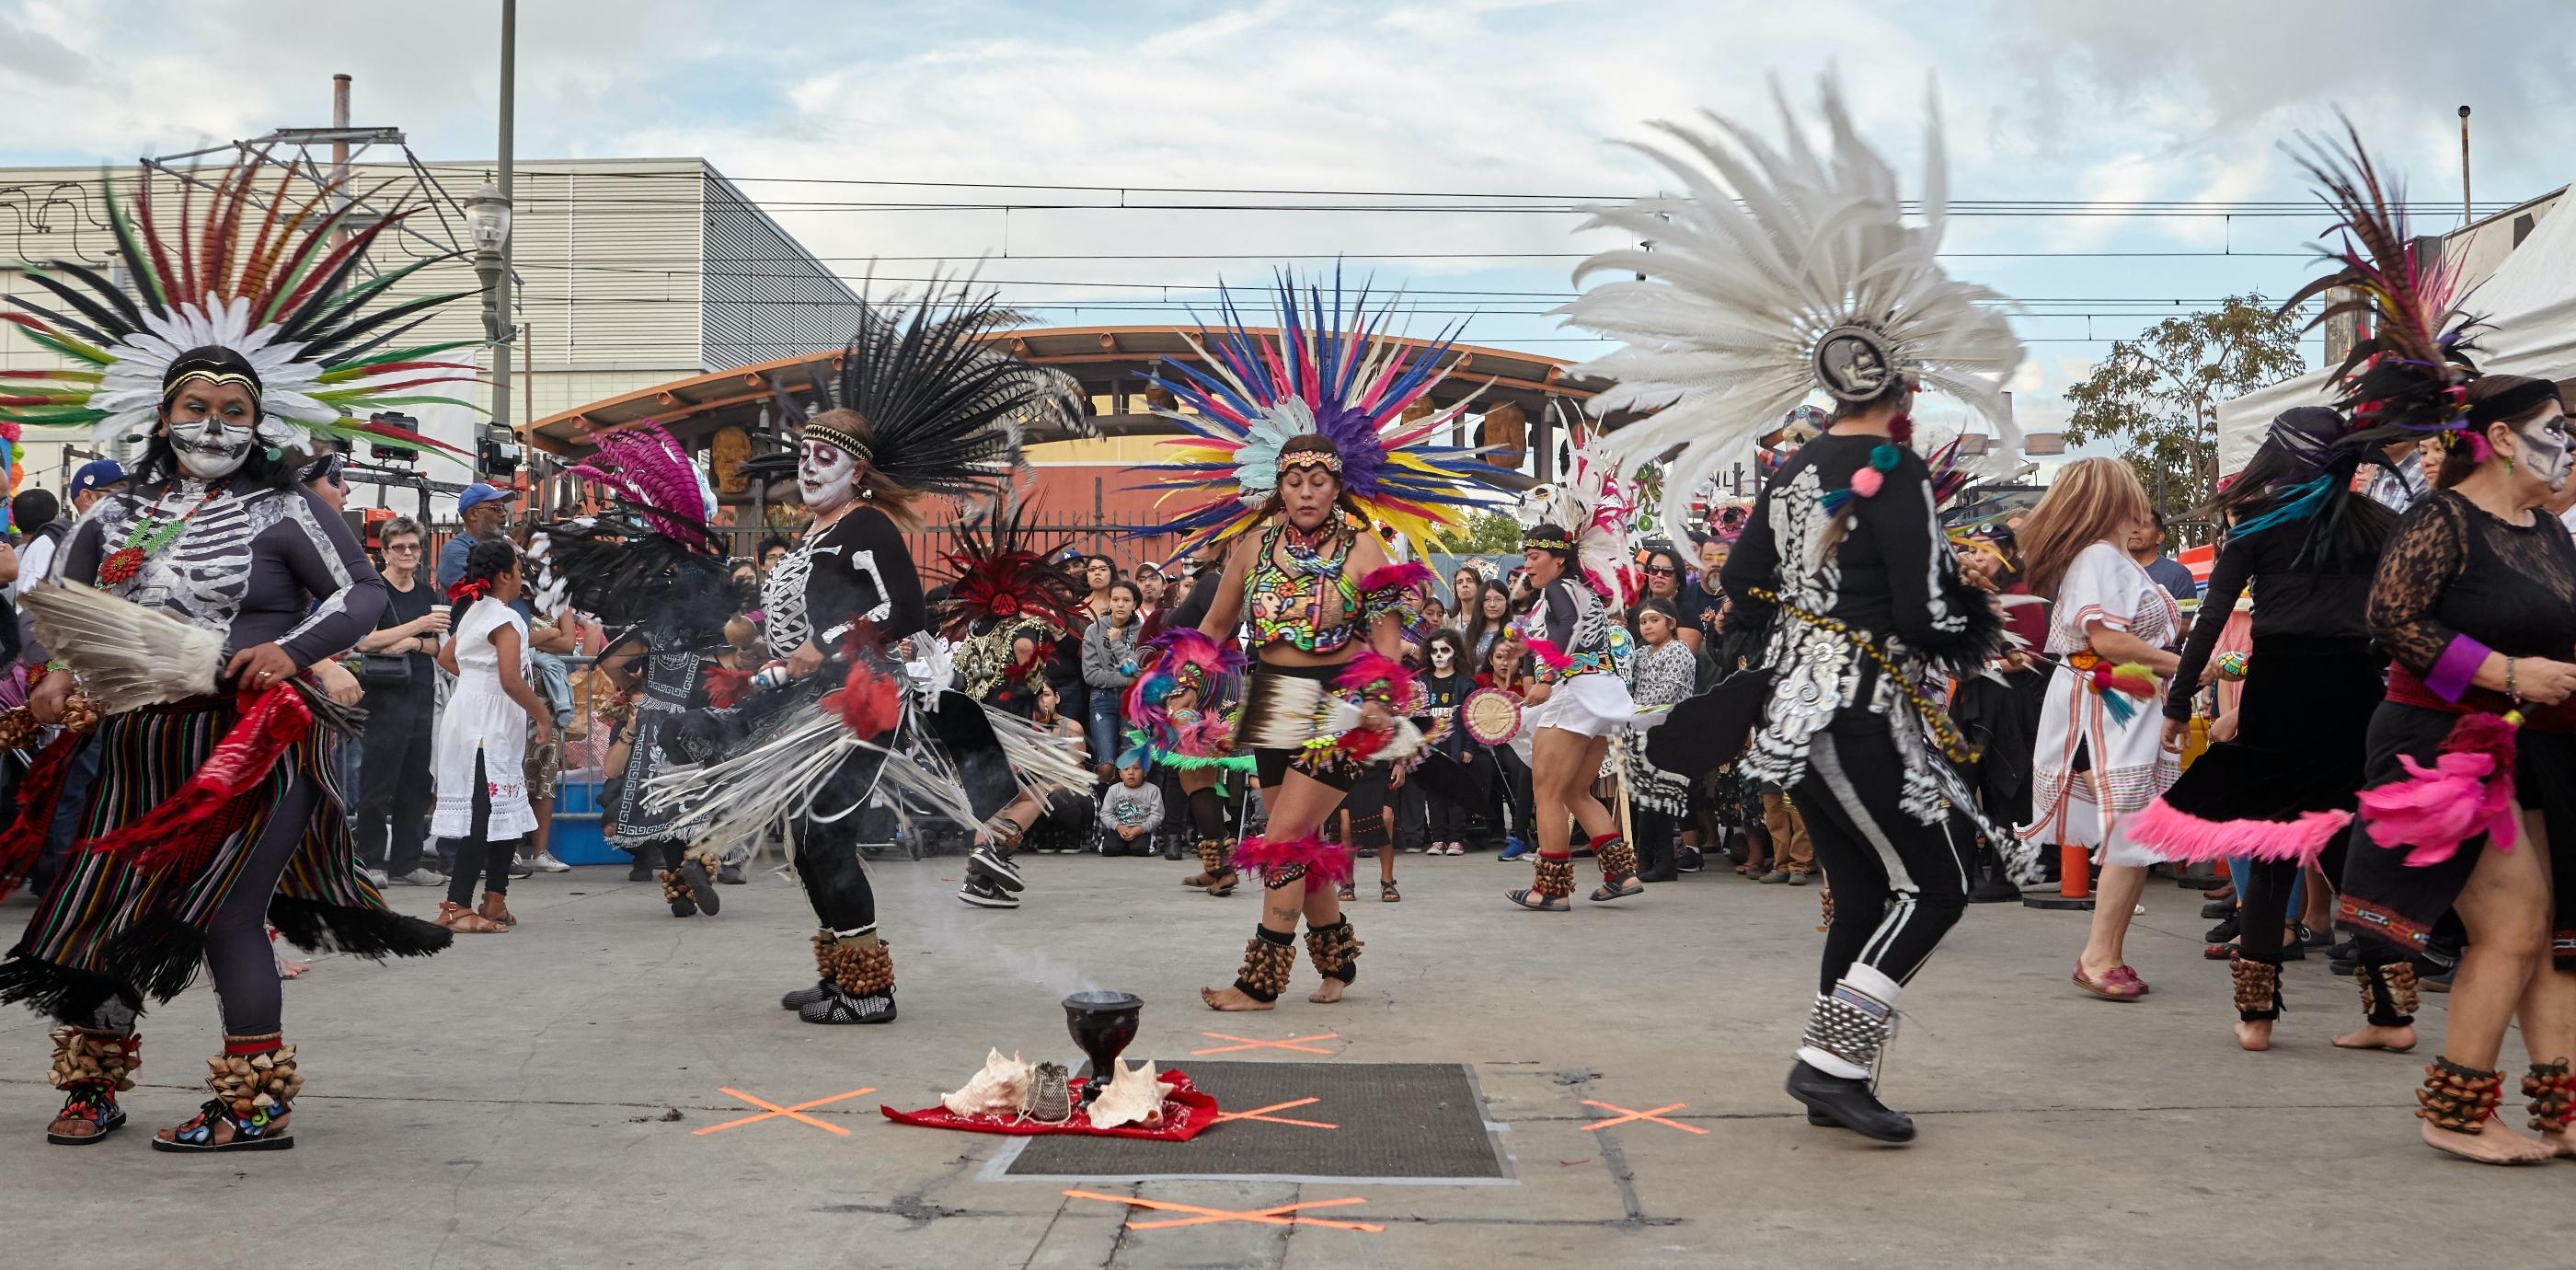 Performing dancers at a Dia De Los Muertos event.